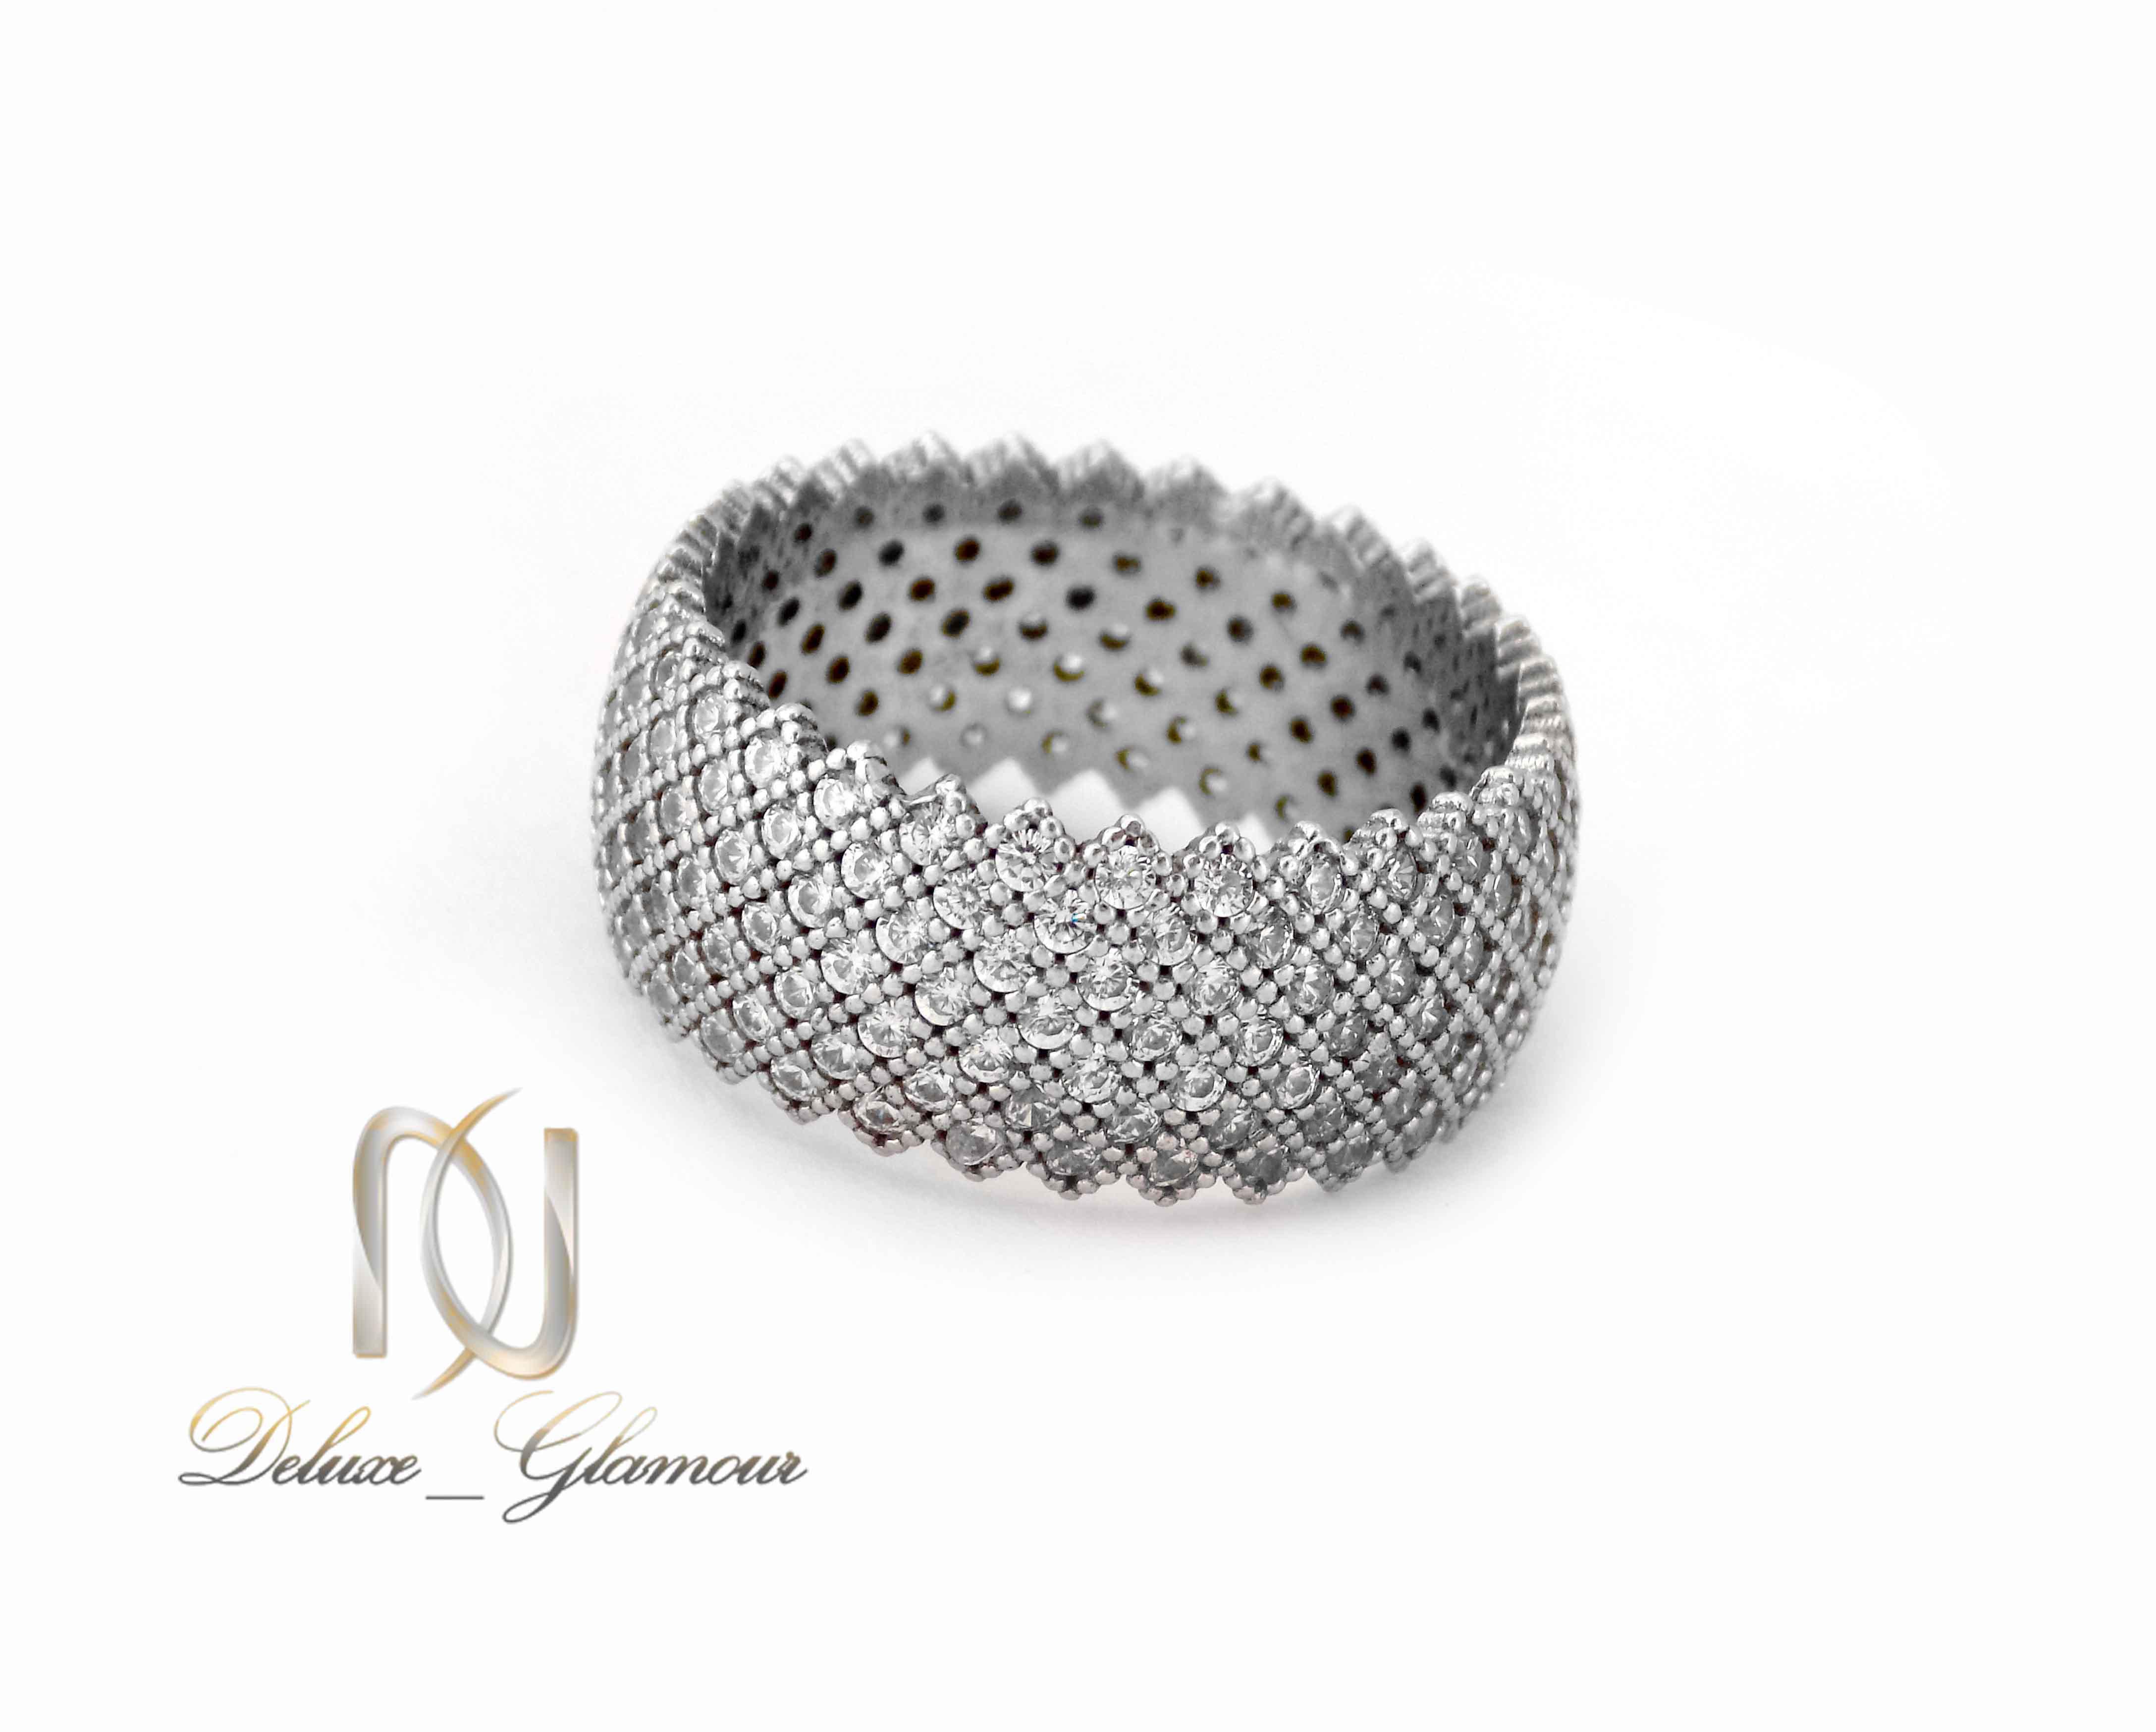 انگشتر نقره زنانه طرح حلقه پرنگین rg-n324 از نمای پایین